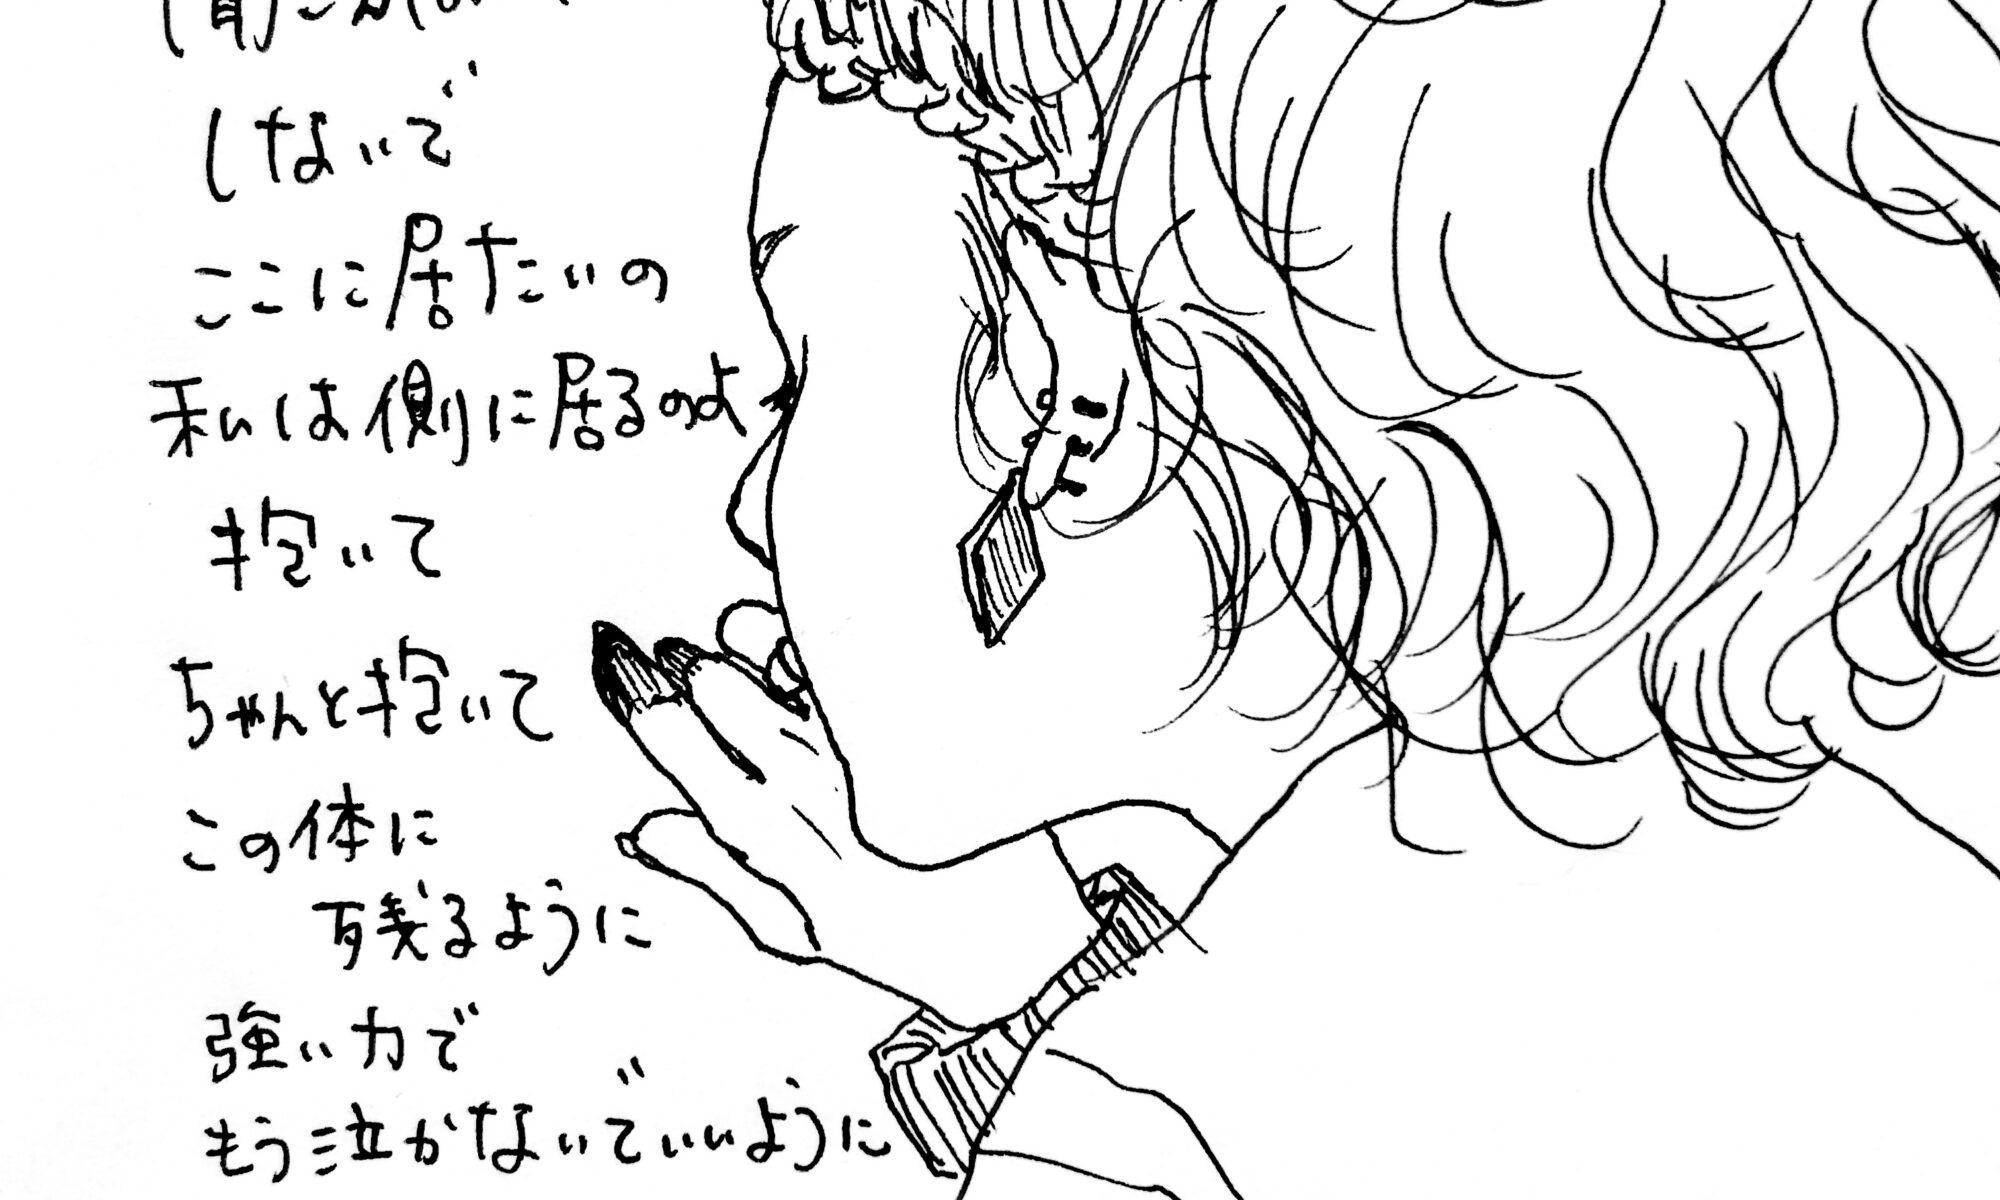 女の子イラスト イラスト 線画 人物画 ポエム 歌詞 美術 絵 アート